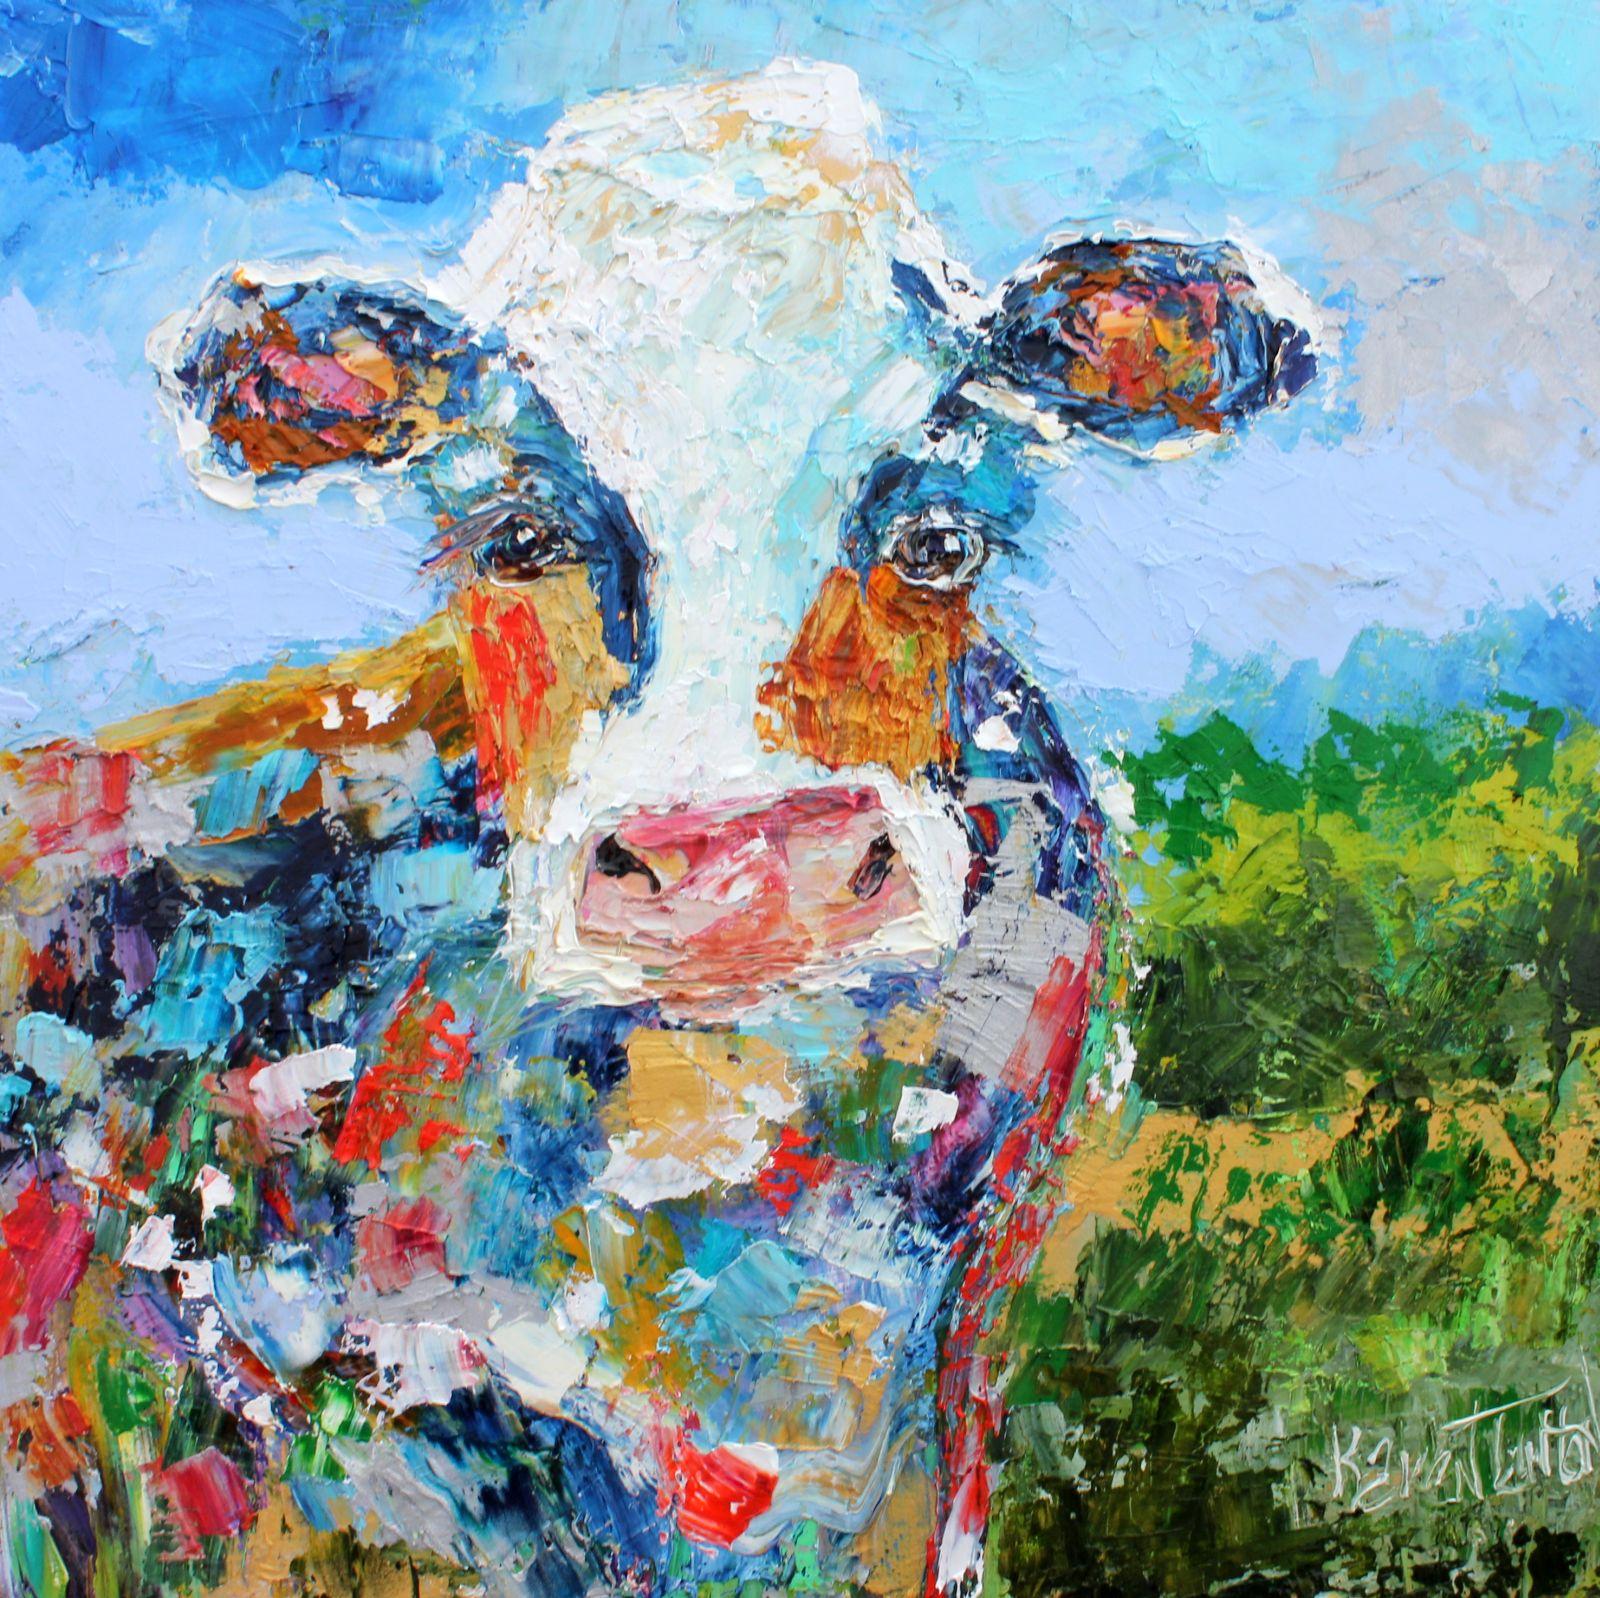 Karen Tarlton Original Oil Paintings By Karen Tarlton Cow